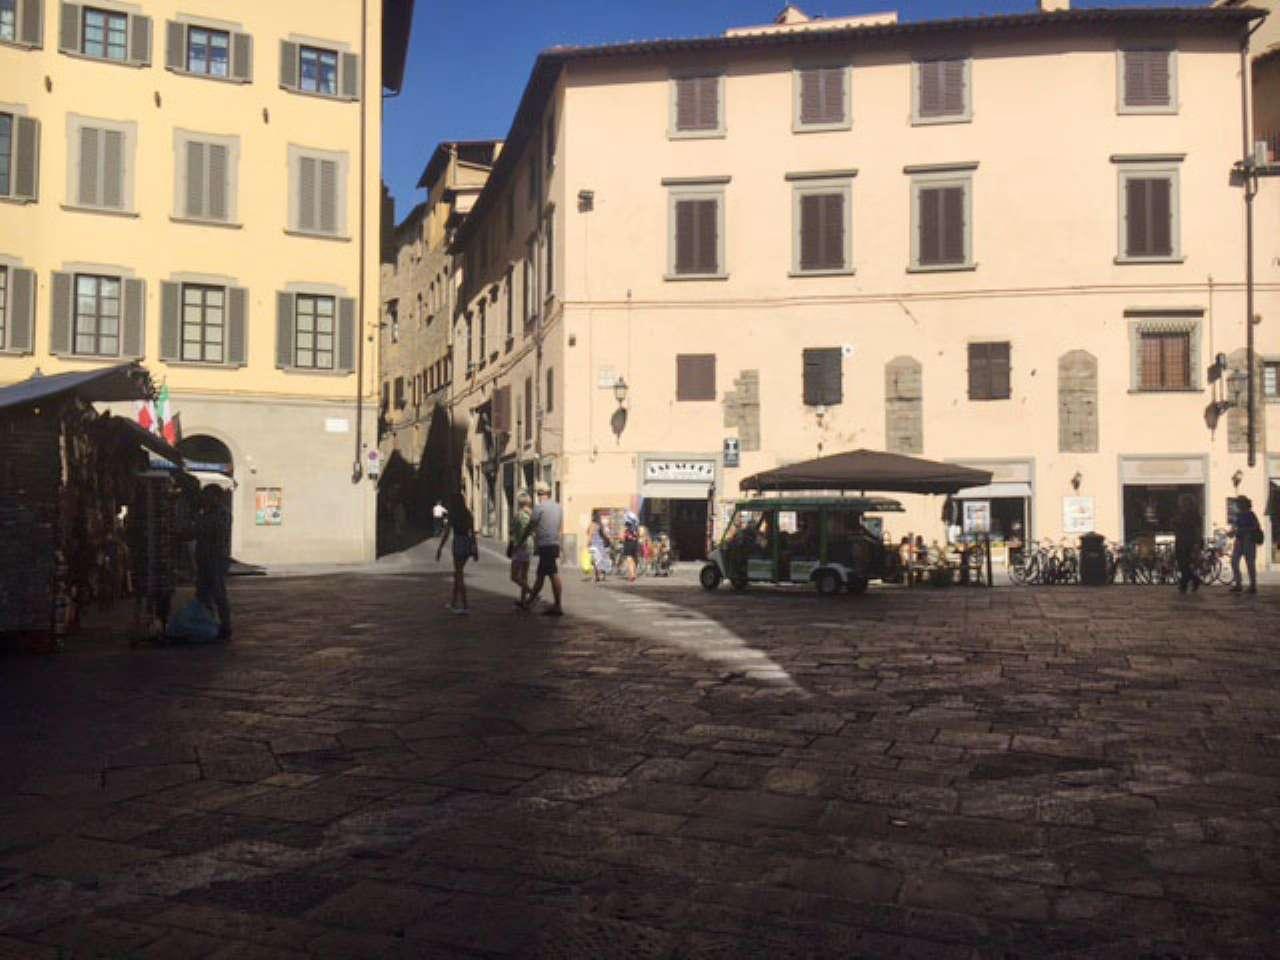 Negozio / Locale in affitto a Firenze, 1 locali, zona Zona: 12 . Duomo, Oltrarno, Centro Storico, Santa Croce, S. Spirito, Giardino di Boboli, prezzo € 1.400 | Cambio Casa.it